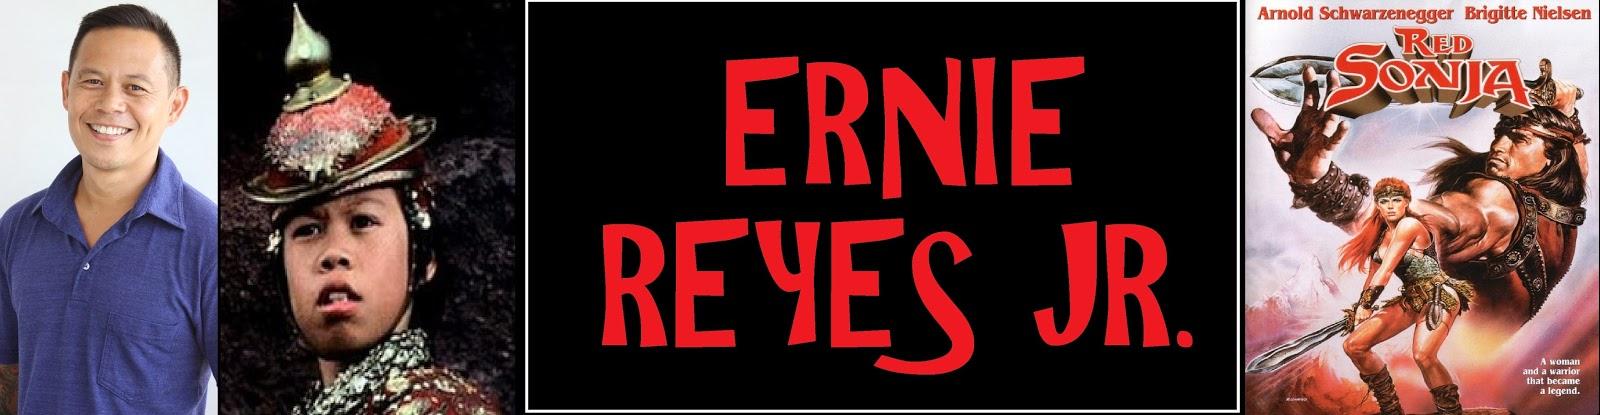 Ernie Reyes Jr., Ernie Reyes Jr. Red Sonja (1985), Prince Tan Red Sonja